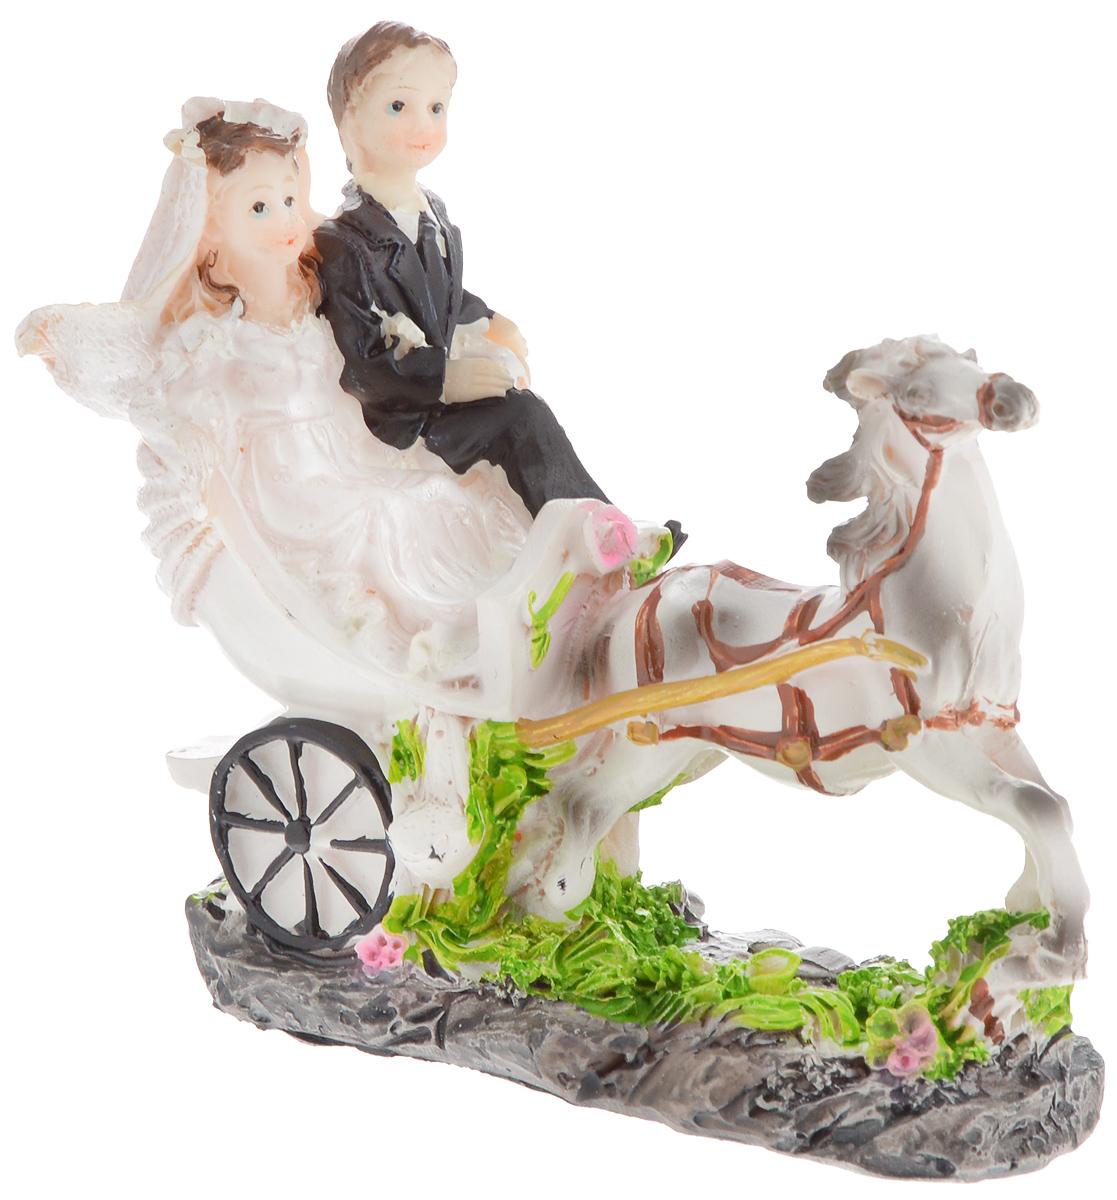 Свадебная фигурка на торт Принт Торг Жених и невеста в карете, высота 11,5 см94.012FФигурка Принт Торг Жених и невеста в карете прекрасно подойдет для оформления свадебного торта. Украшение выполнено в виде молодоженов в карете, которая запряжена конем. Такая фигурка подчеркнет индивидуальность вашей пары и станет приятным воспоминанием о торжестве.